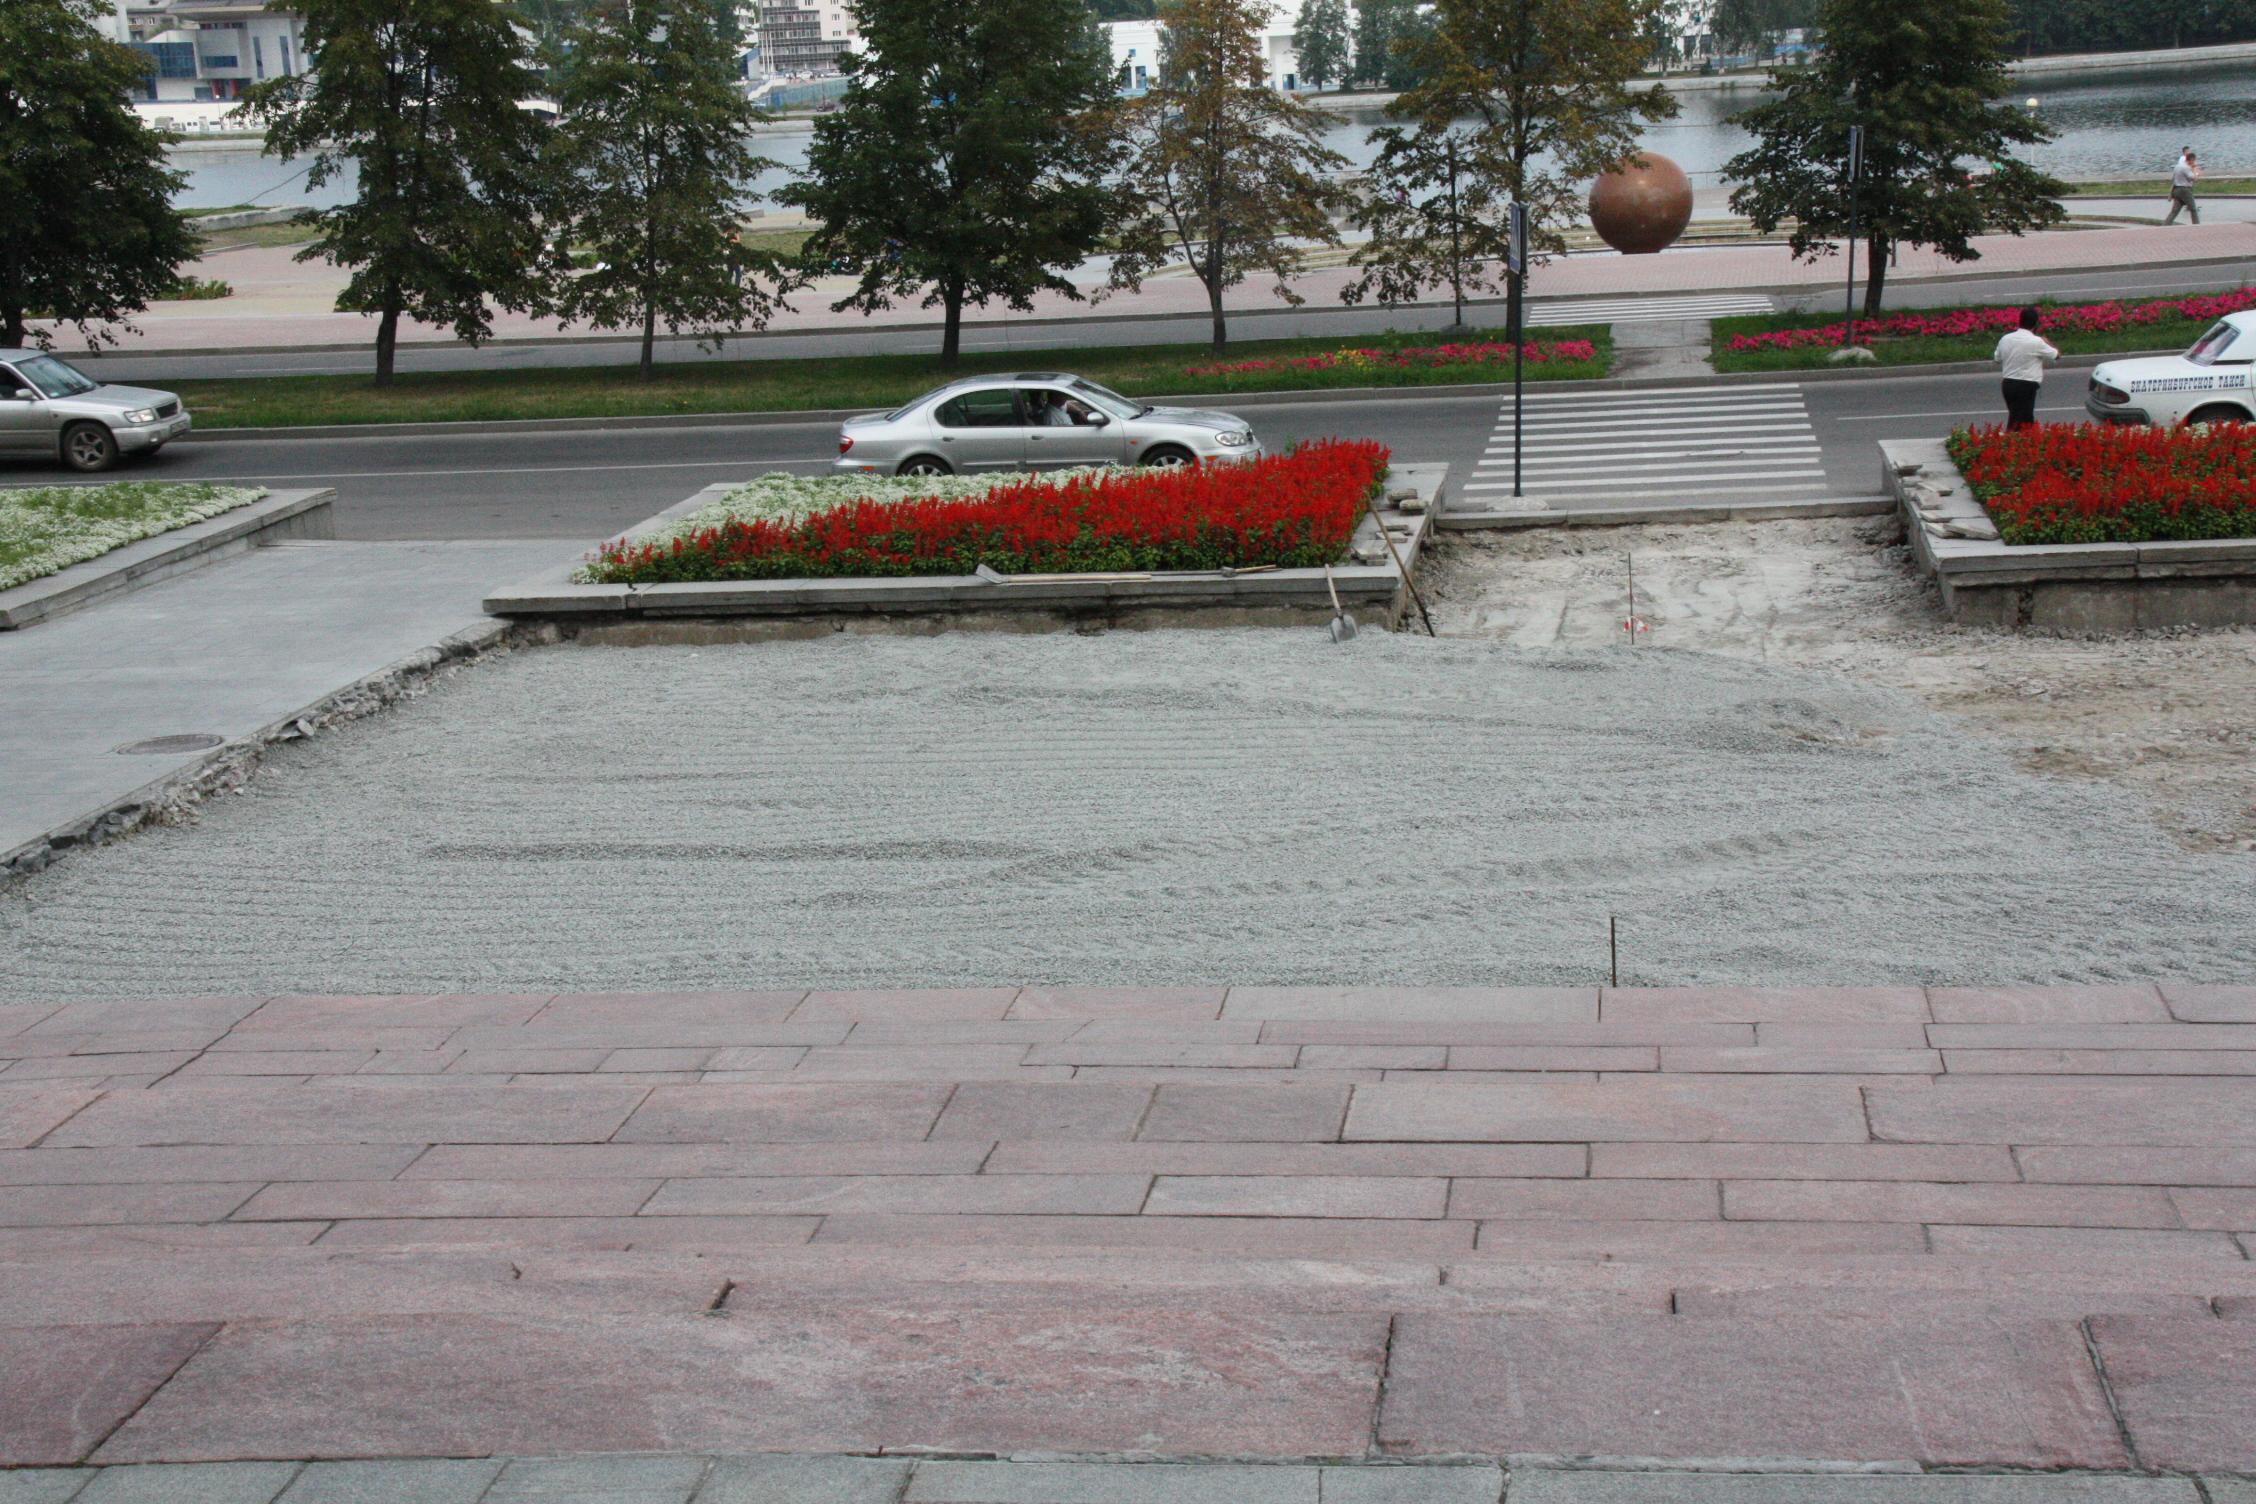 Свердловчане остались без главной площадки «народного гнева». Там можно было достучаться до власти. Теперь нельзя - все ради красоты и единообразия